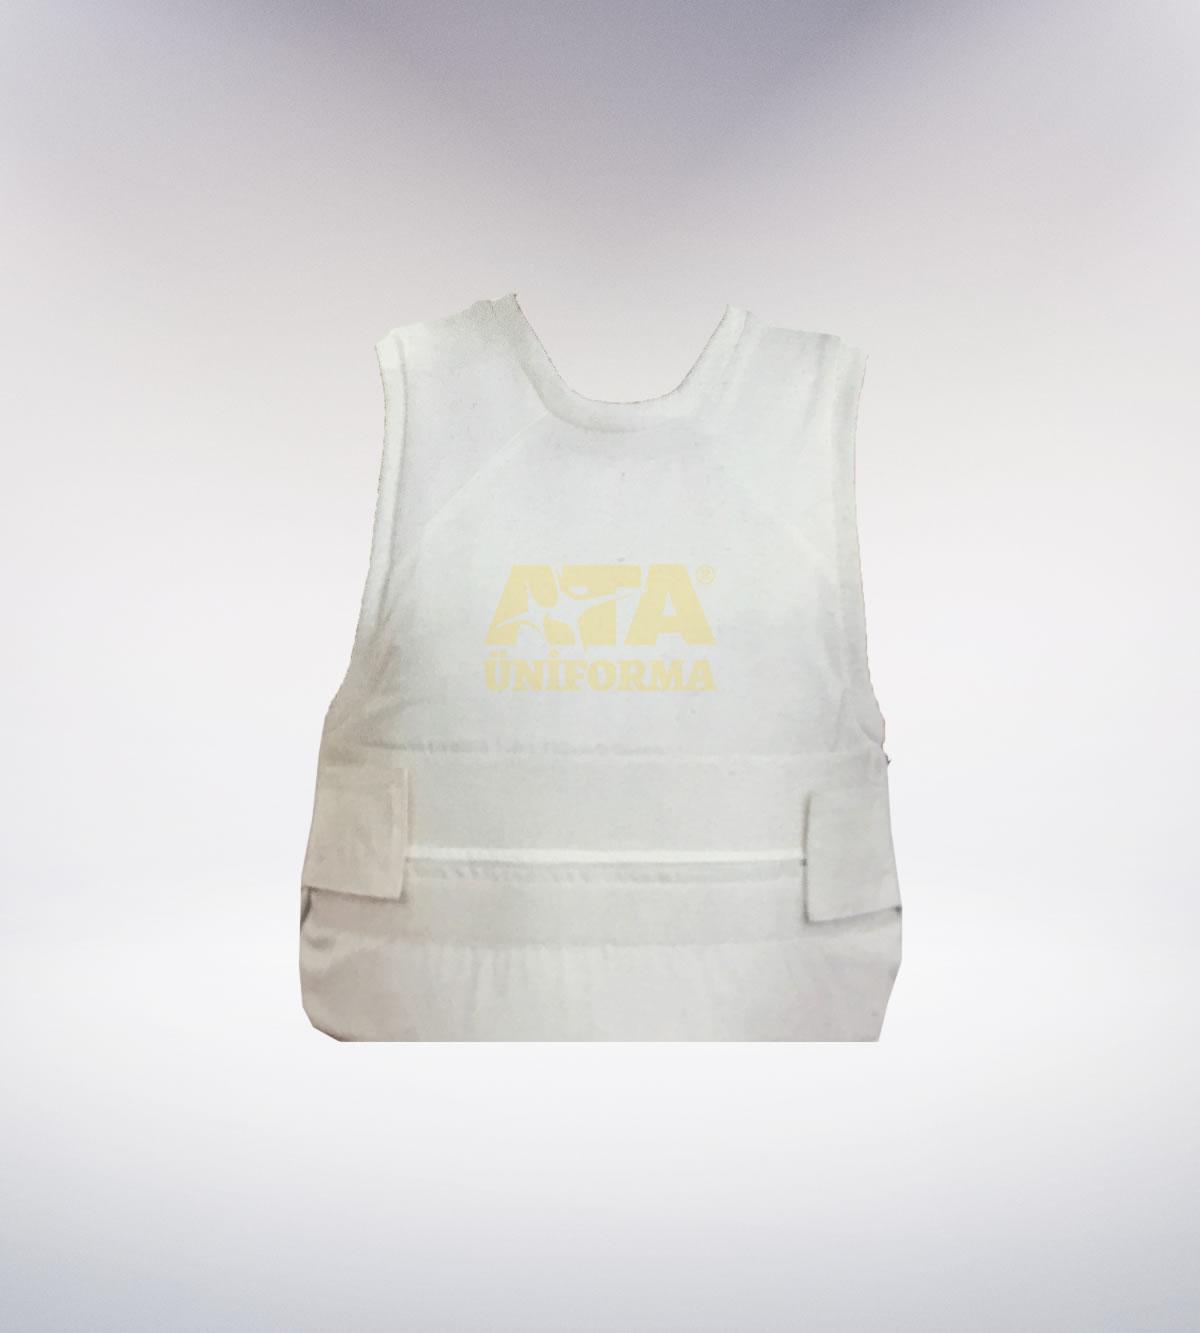 ATA-1069 Balistik kurşun geçirmez çelik yelek -  asker elbiseleri | asker üniformaları | asker kıyafetleri | polis elbiseleri | polis üniformaları | polis kıyafetleri